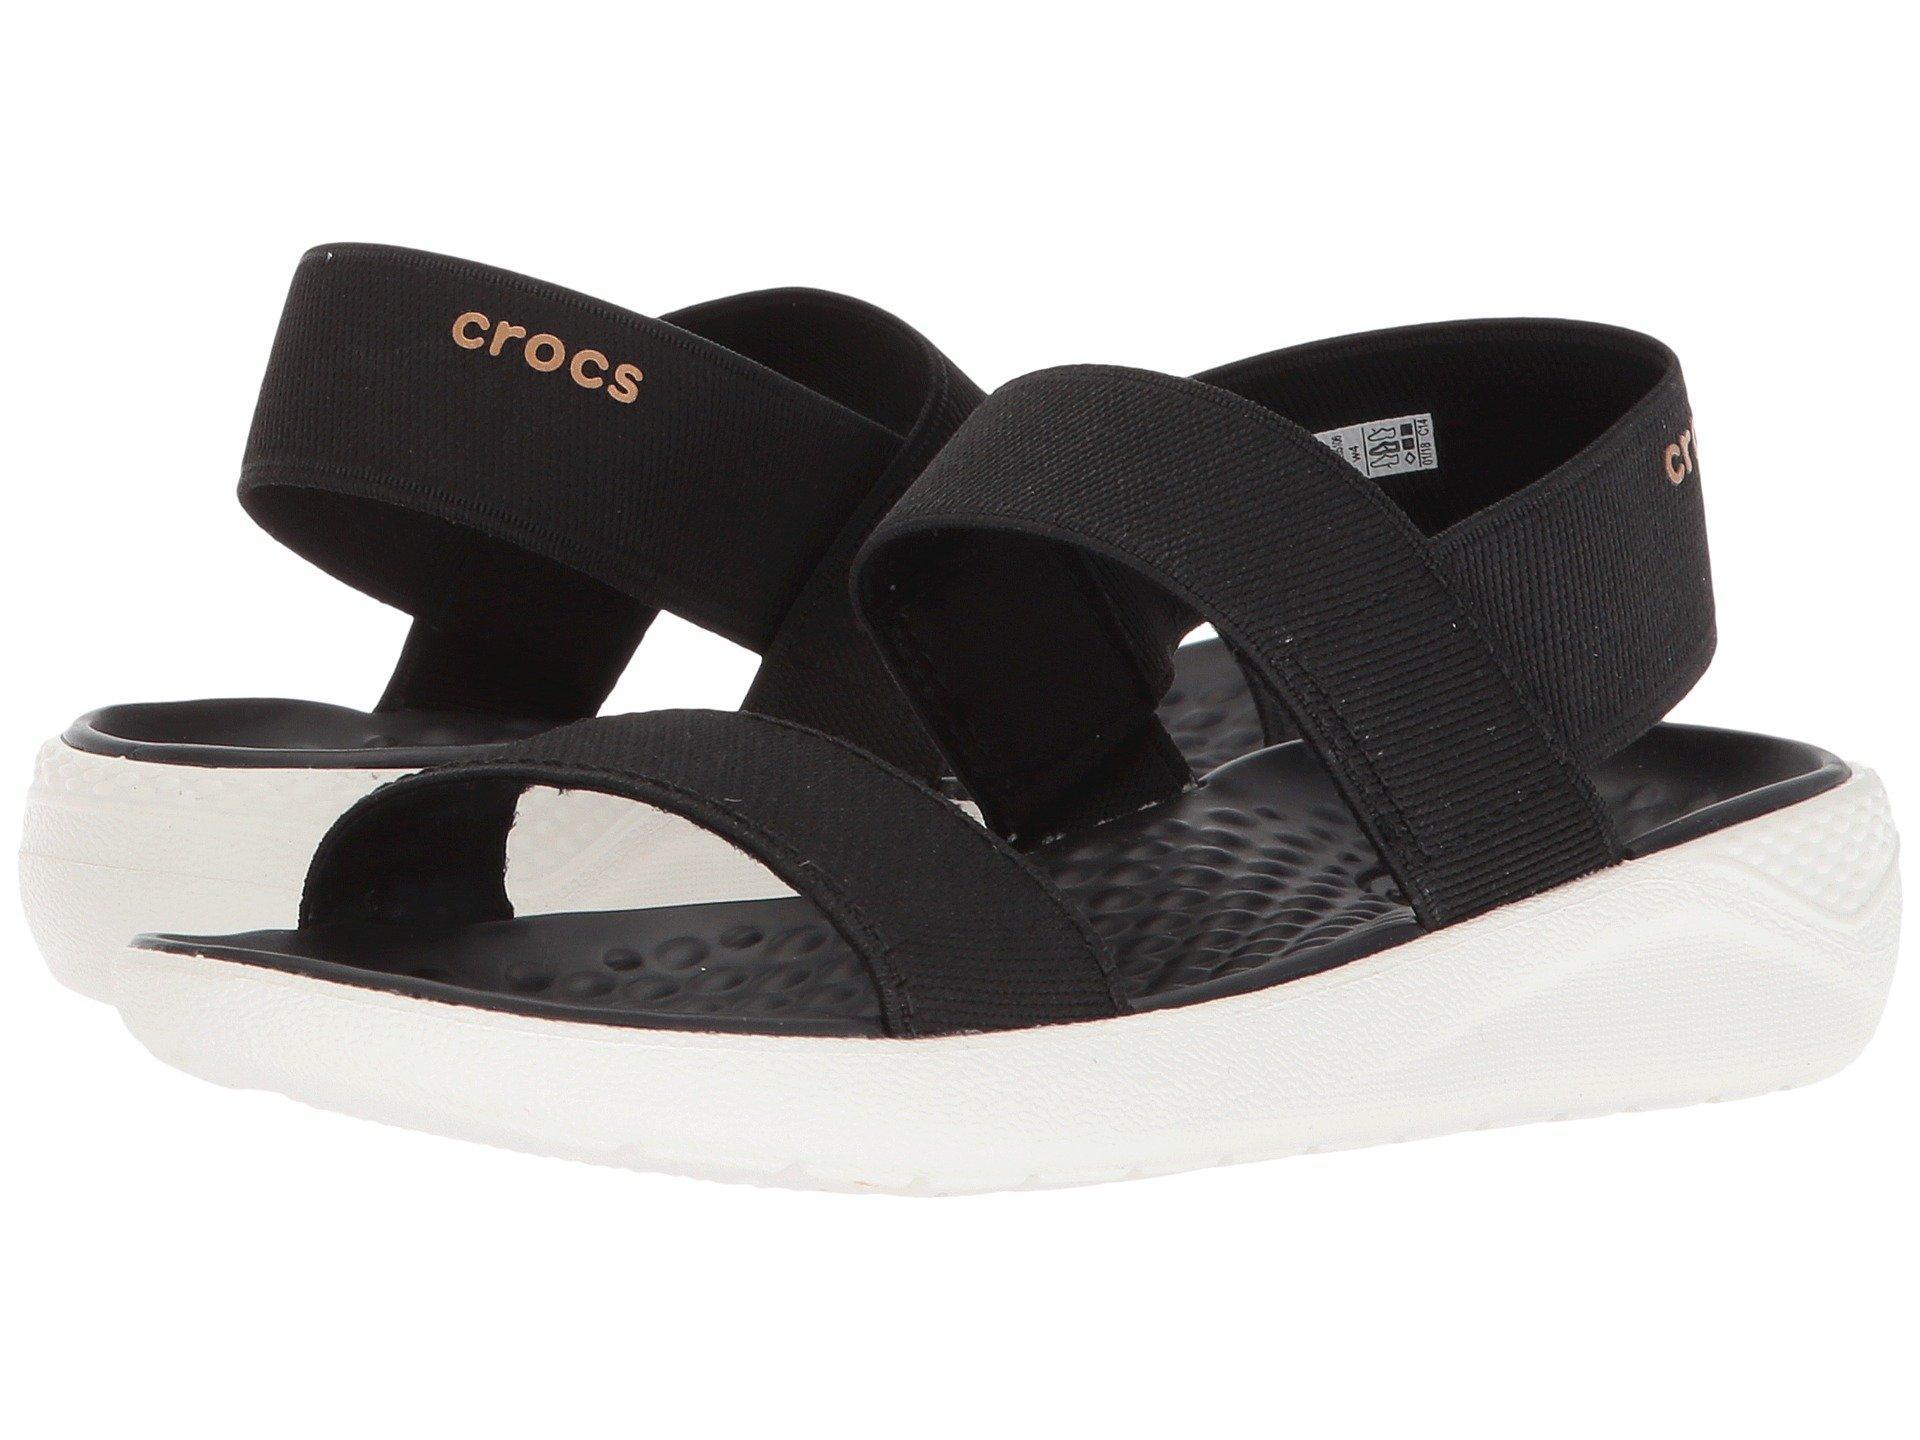 00378d81c7a6 Crocs™ - Black Literide Sandal (smoke smoke) Women s Shoes - Lyst. View  fullscreen